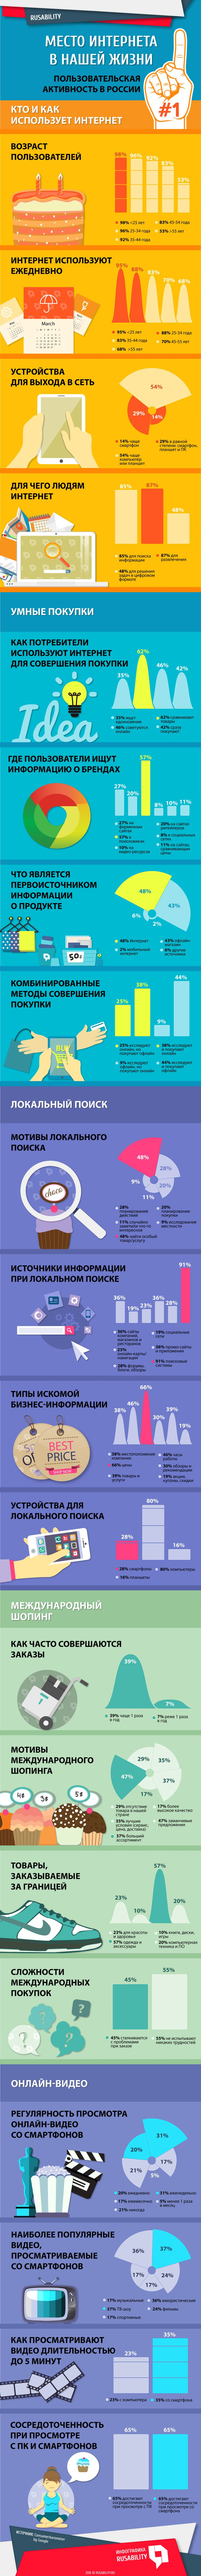 Потребители, пользователи, россияне, Россия, покупки, поиск, видео, смартфоны, исследования, инфографика